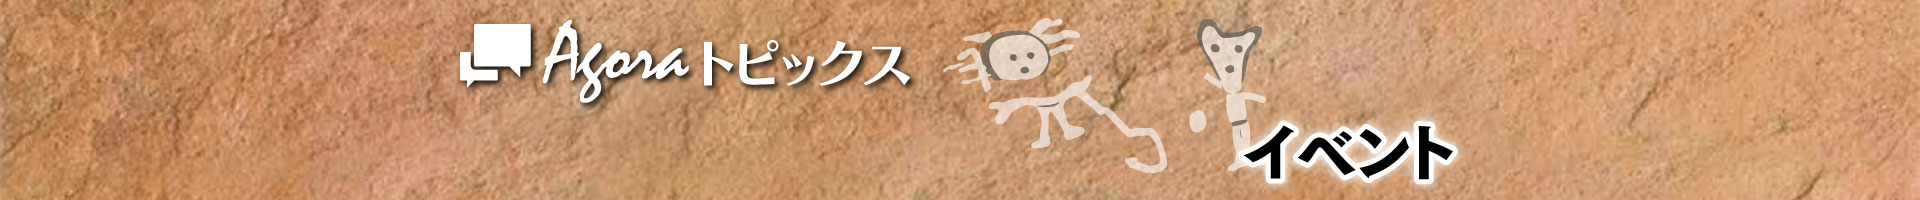 Agoraトピックス:イベント